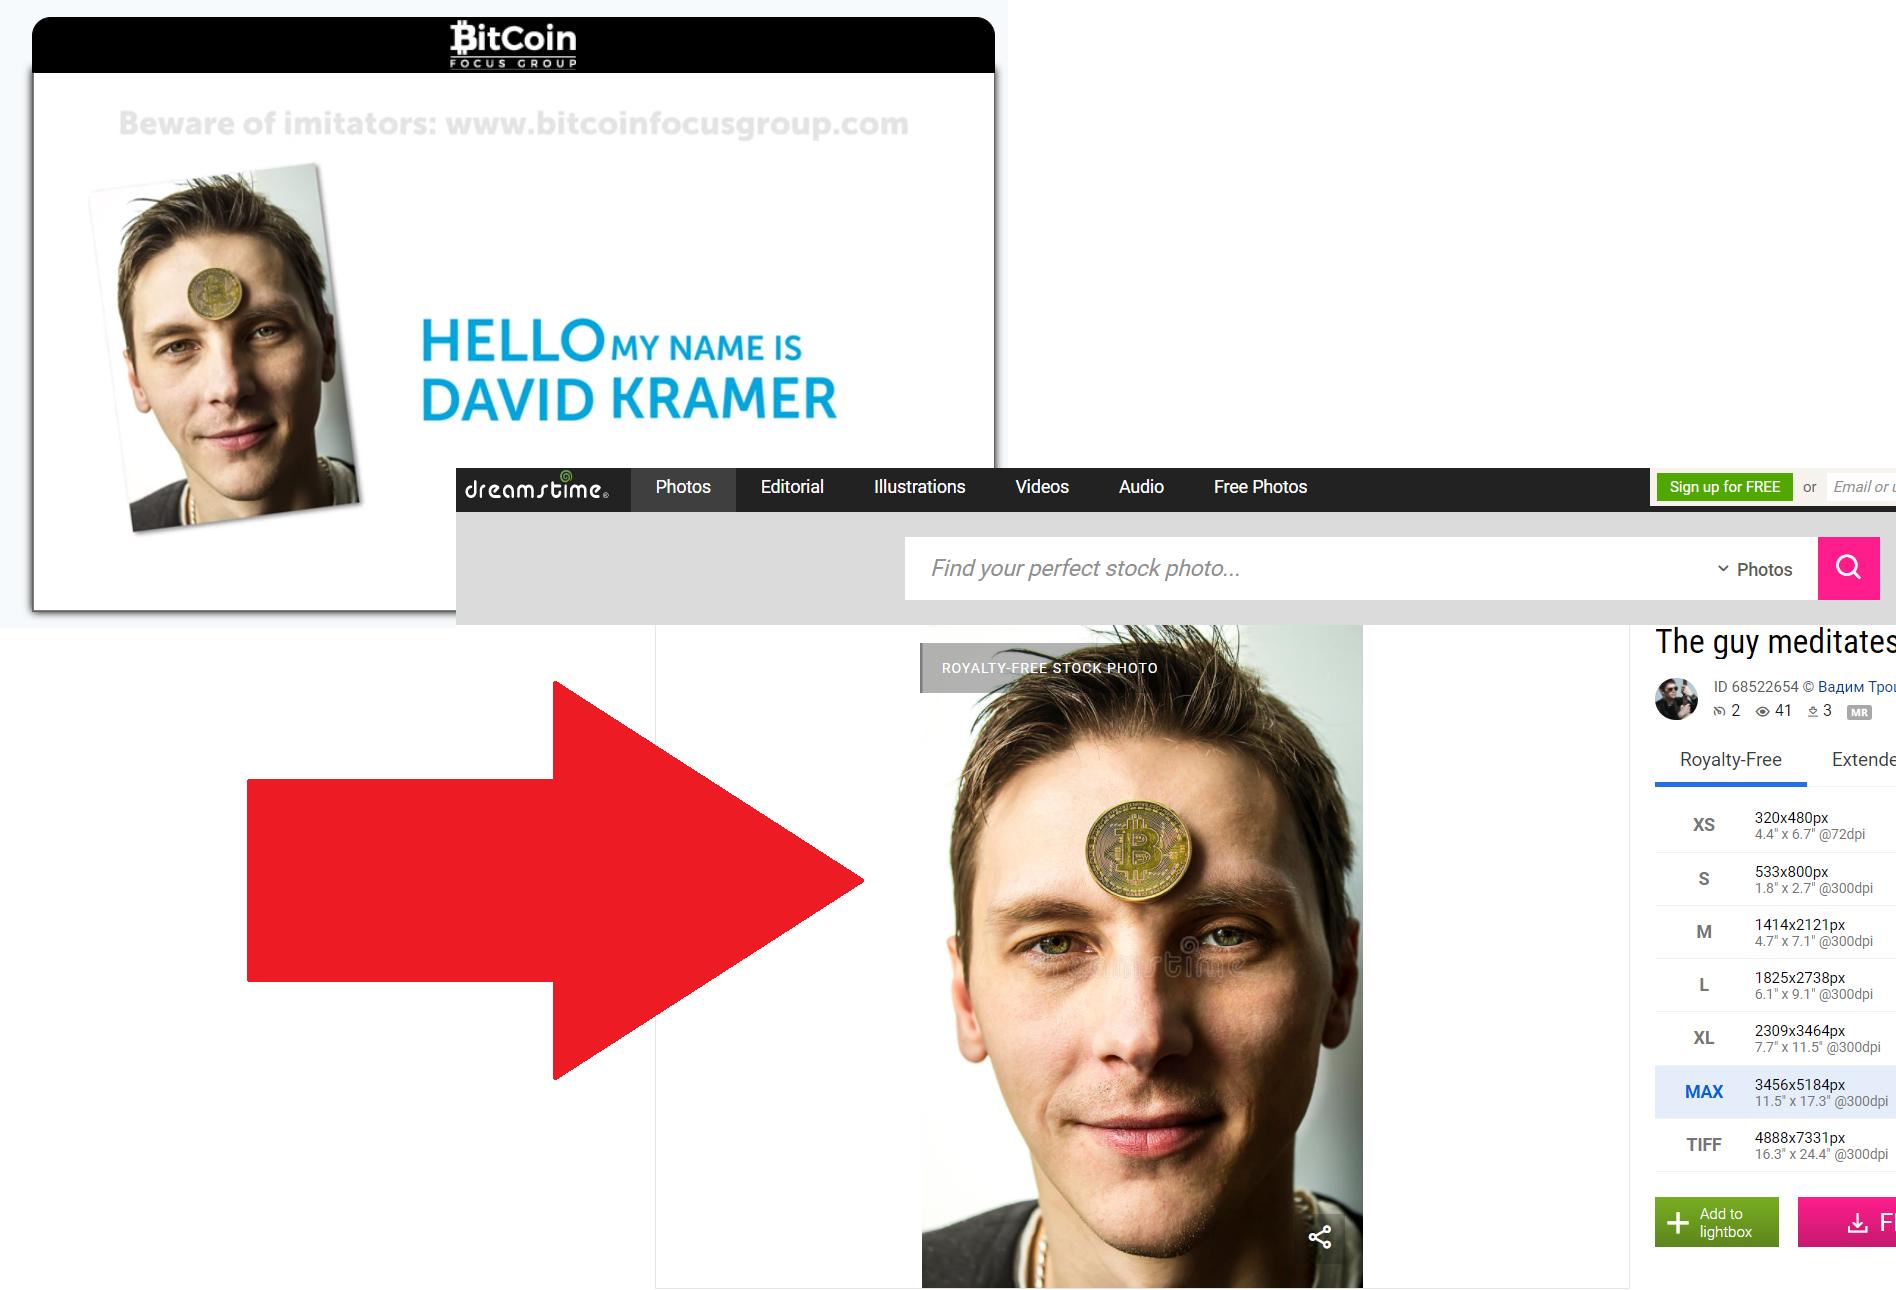 Bitcoin Focus Group David Kramer